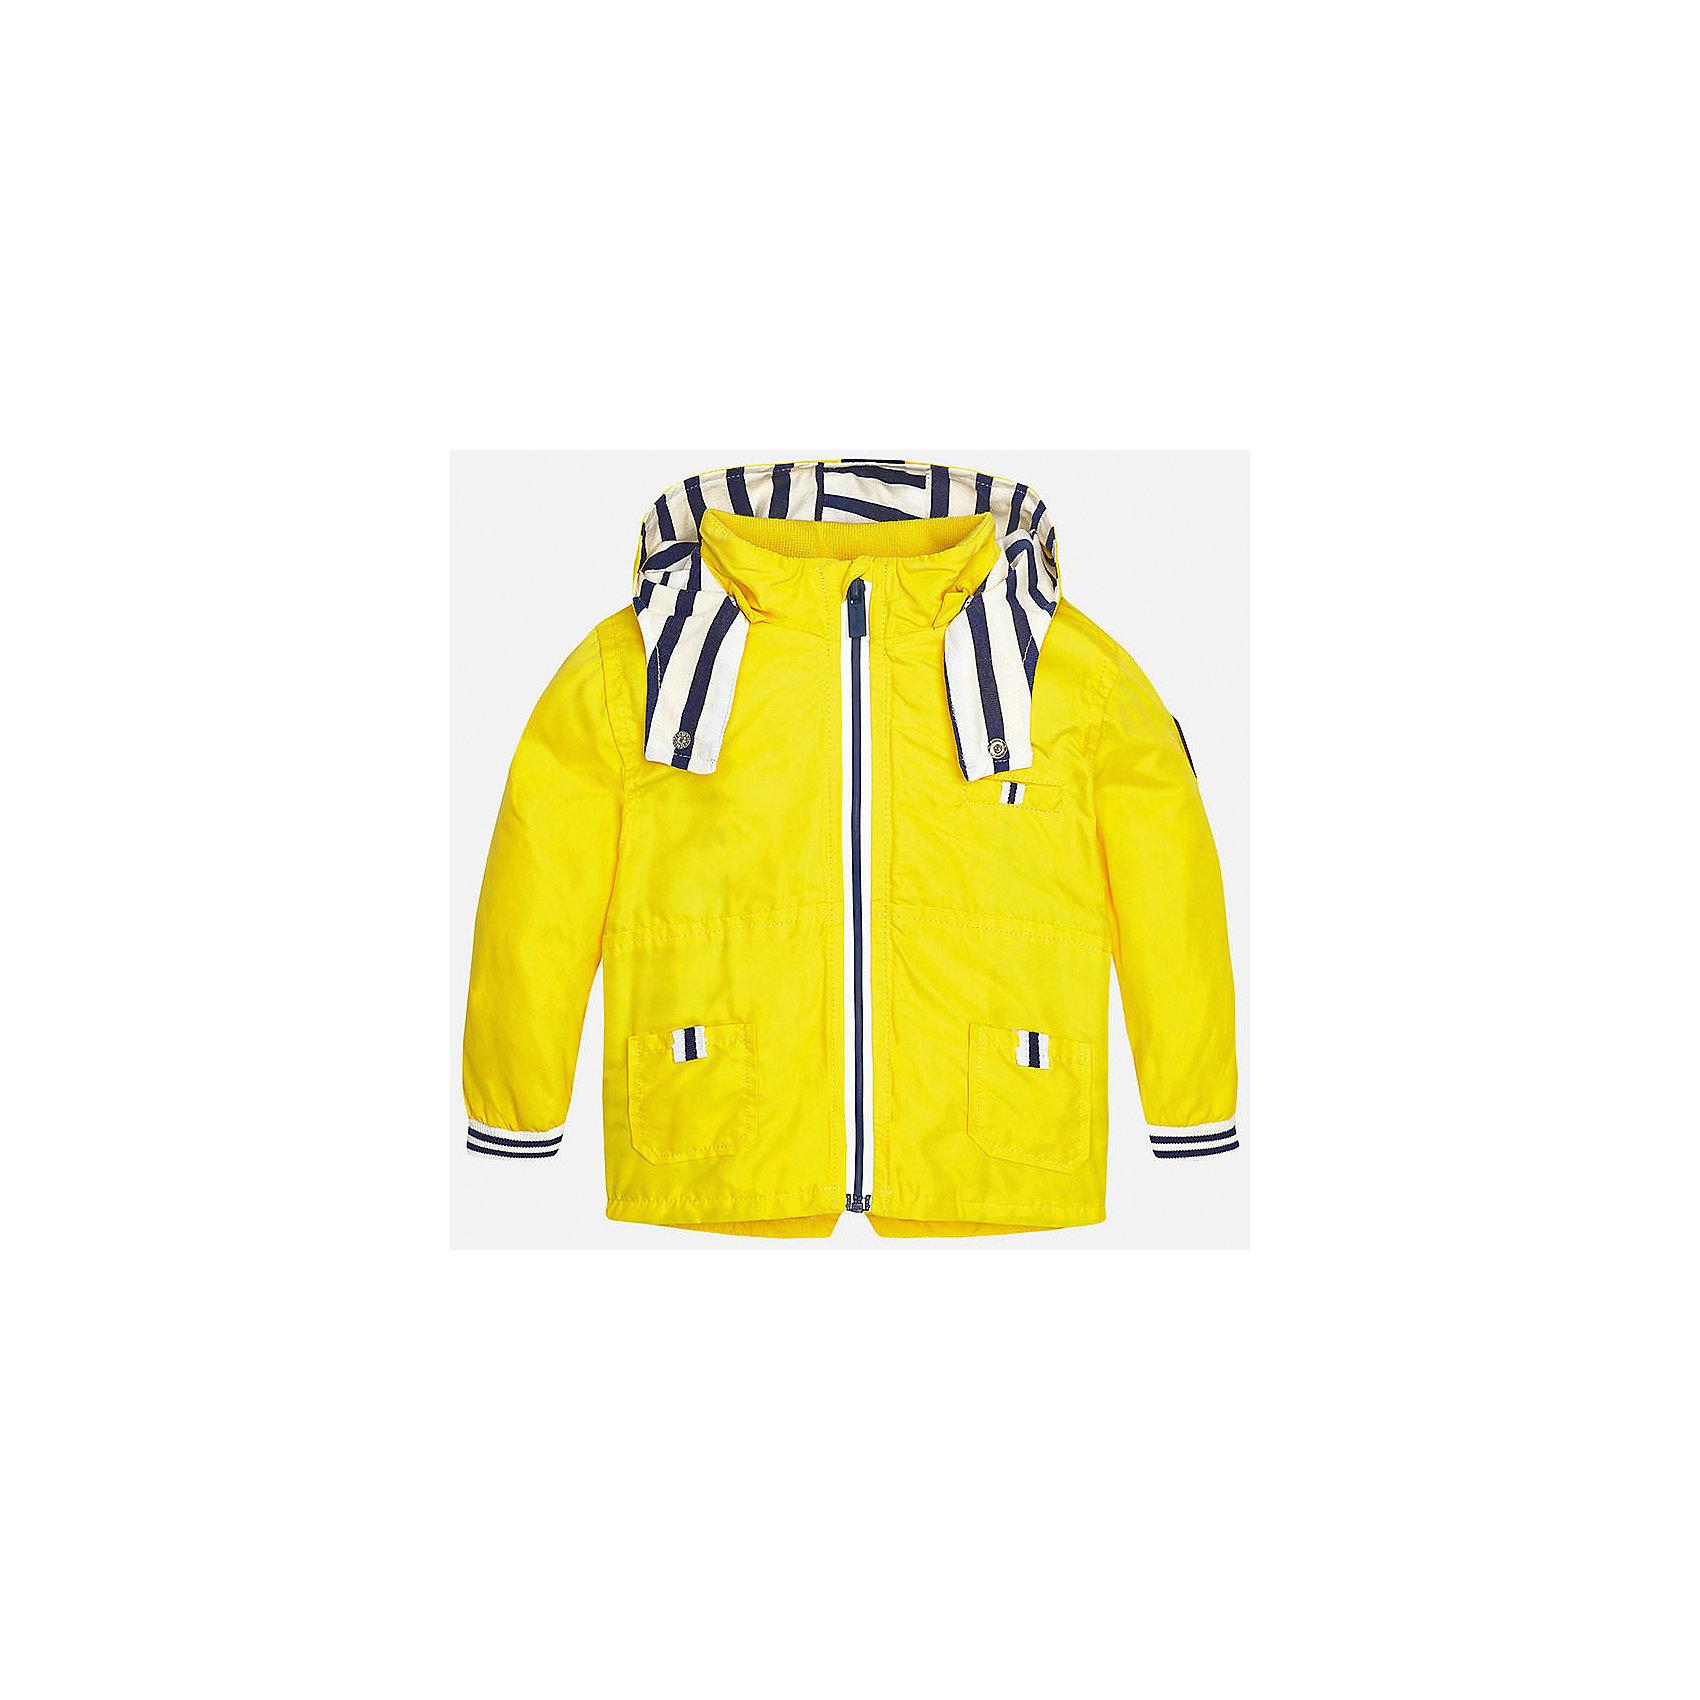 Ветровка для мальчика MayoralВерхняя одежда<br>Характеристики товара:<br><br>• цвет: желтый<br>• состав: 100% полиэстер, подкладка - 65% полиэстер, 35% хлопок<br>• манжеты <br>• карманы<br>• молния<br>• капюшон<br>• страна бренда: Испания<br><br>Легкая ветровка для мальчика поможет разнообразить гардероб ребенка и обеспечить тепло в прохладную погоду. Она отлично сочетается и с джинсами, и с брюками. Универсальный цвет позволяет подобрать к вещи низ различных расцветок. Интересная отделка модели делает её нарядной и оригинальной. В составе материала подкладки - натуральный хлопок, гипоаллергенный, приятный на ощупь, дышащий.<br><br>Одежда, обувь и аксессуары от испанского бренда Mayoral полюбились детям и взрослым по всему миру. Модели этой марки - стильные и удобные. Для их производства используются только безопасные, качественные материалы и фурнитура. Порадуйте ребенка модными и красивыми вещами от Mayoral! <br><br>Ветровку для мальчика от испанского бренда Mayoral (Майорал) можно купить в нашем интернет-магазине.<br><br>Ширина мм: 356<br>Глубина мм: 10<br>Высота мм: 245<br>Вес г: 519<br>Цвет: желтый<br>Возраст от месяцев: 12<br>Возраст до месяцев: 18<br>Пол: Мужской<br>Возраст: Детский<br>Размер: 86,92,80<br>SKU: 5279608